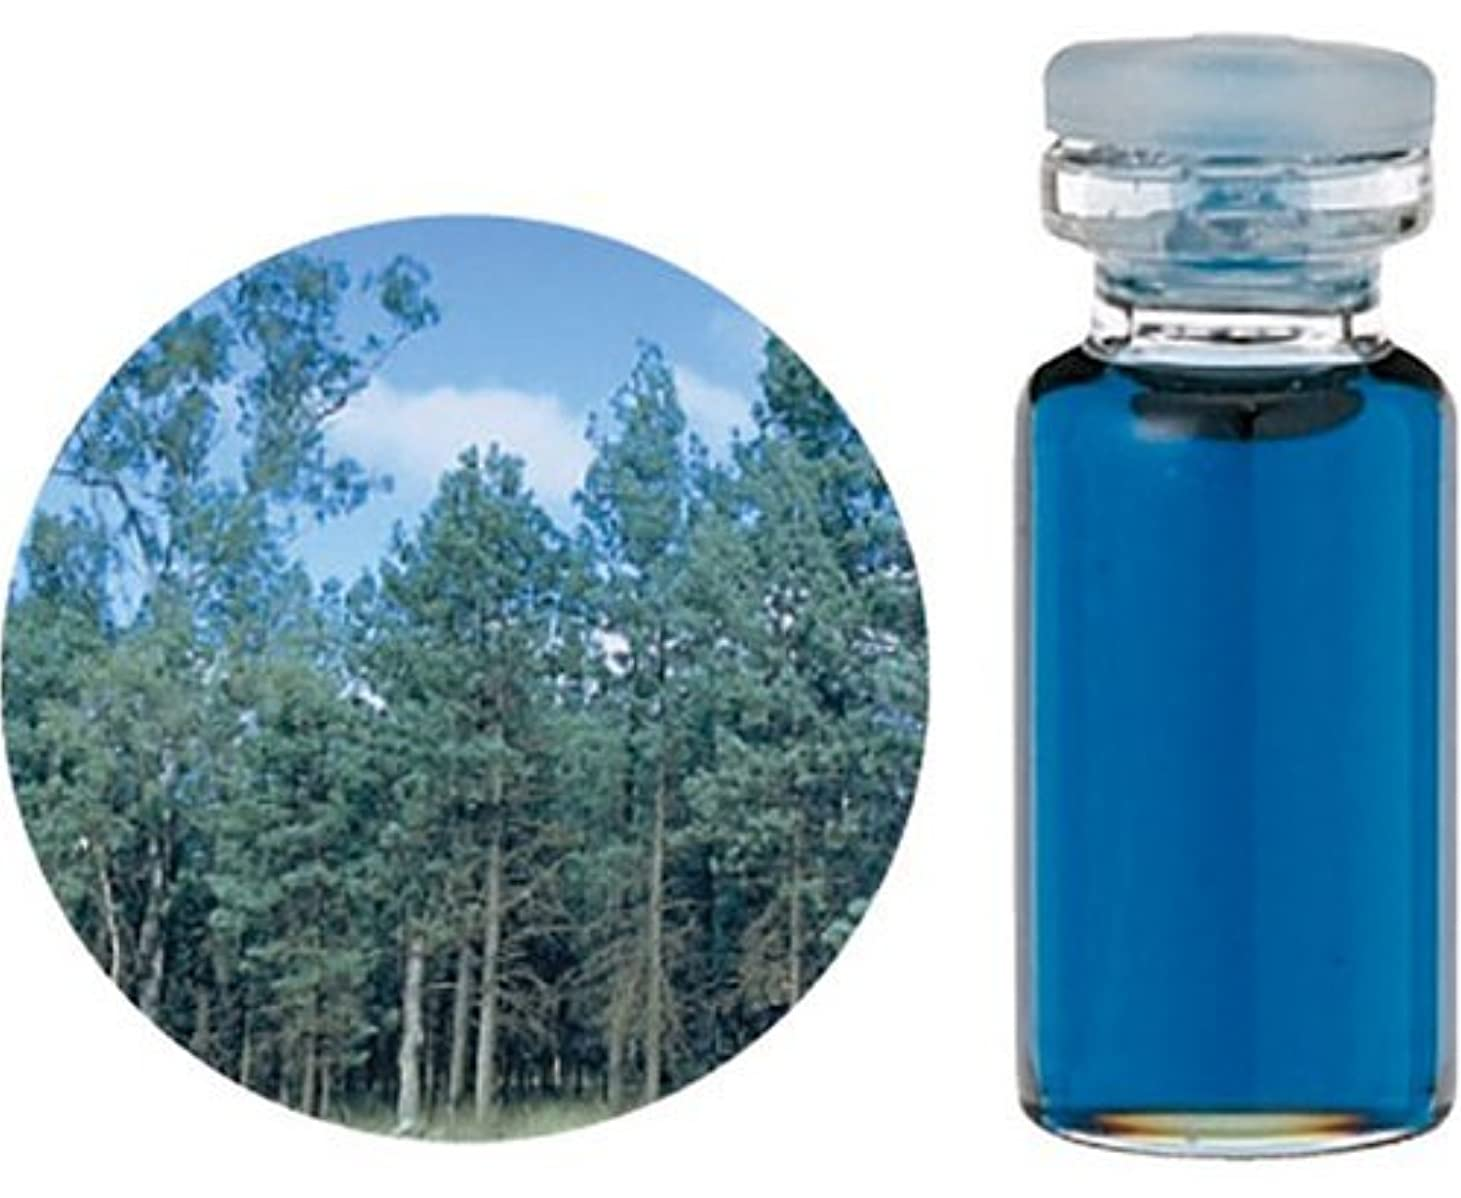 連合対応する同時生活の木 C ブルー サイプレス エッセンシャルオイル 3ml オイル